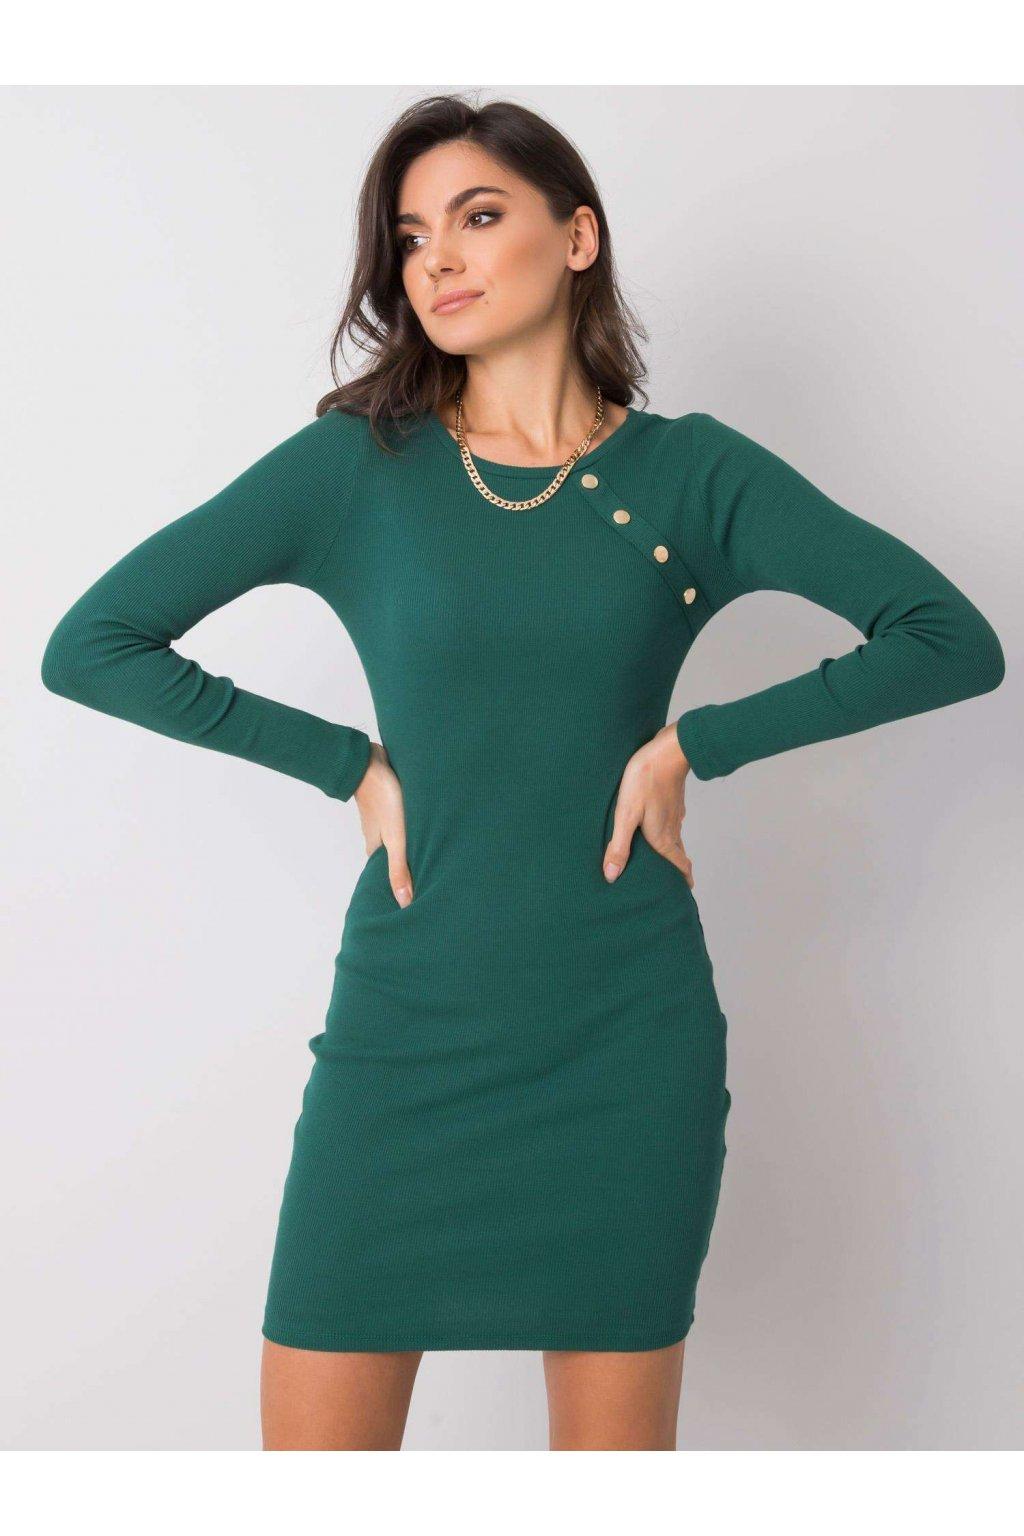 pol pl Ciemnozielona sukienka Madlene RUE PARIS 358875 3